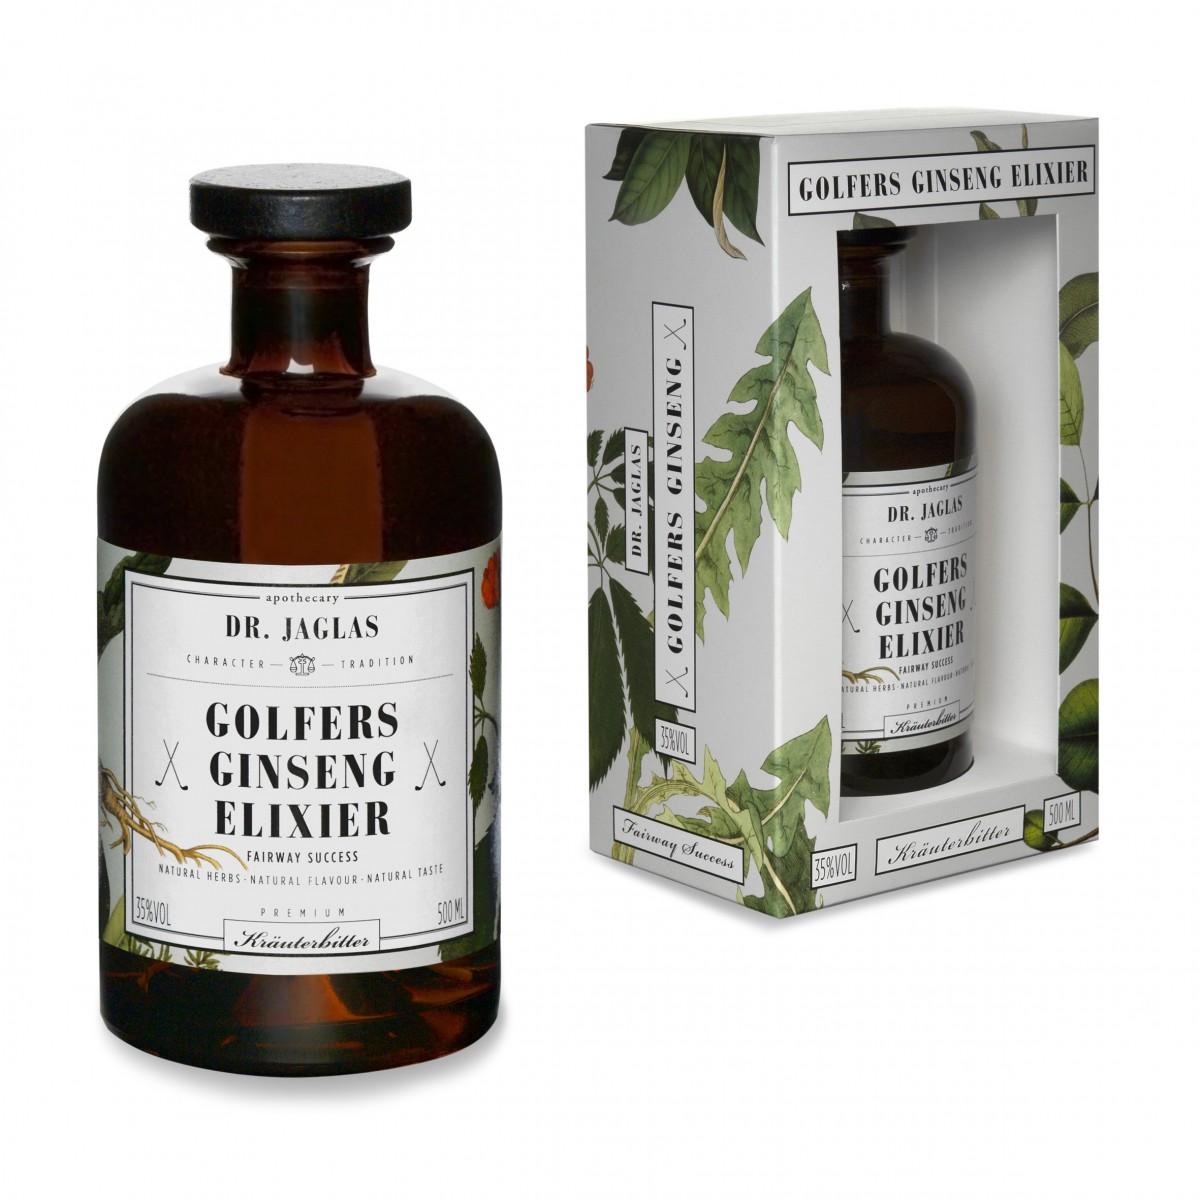 DR. JAGLAS Golfers Ginseng-Elixier 500ml Kräuterbitter 35%vol.